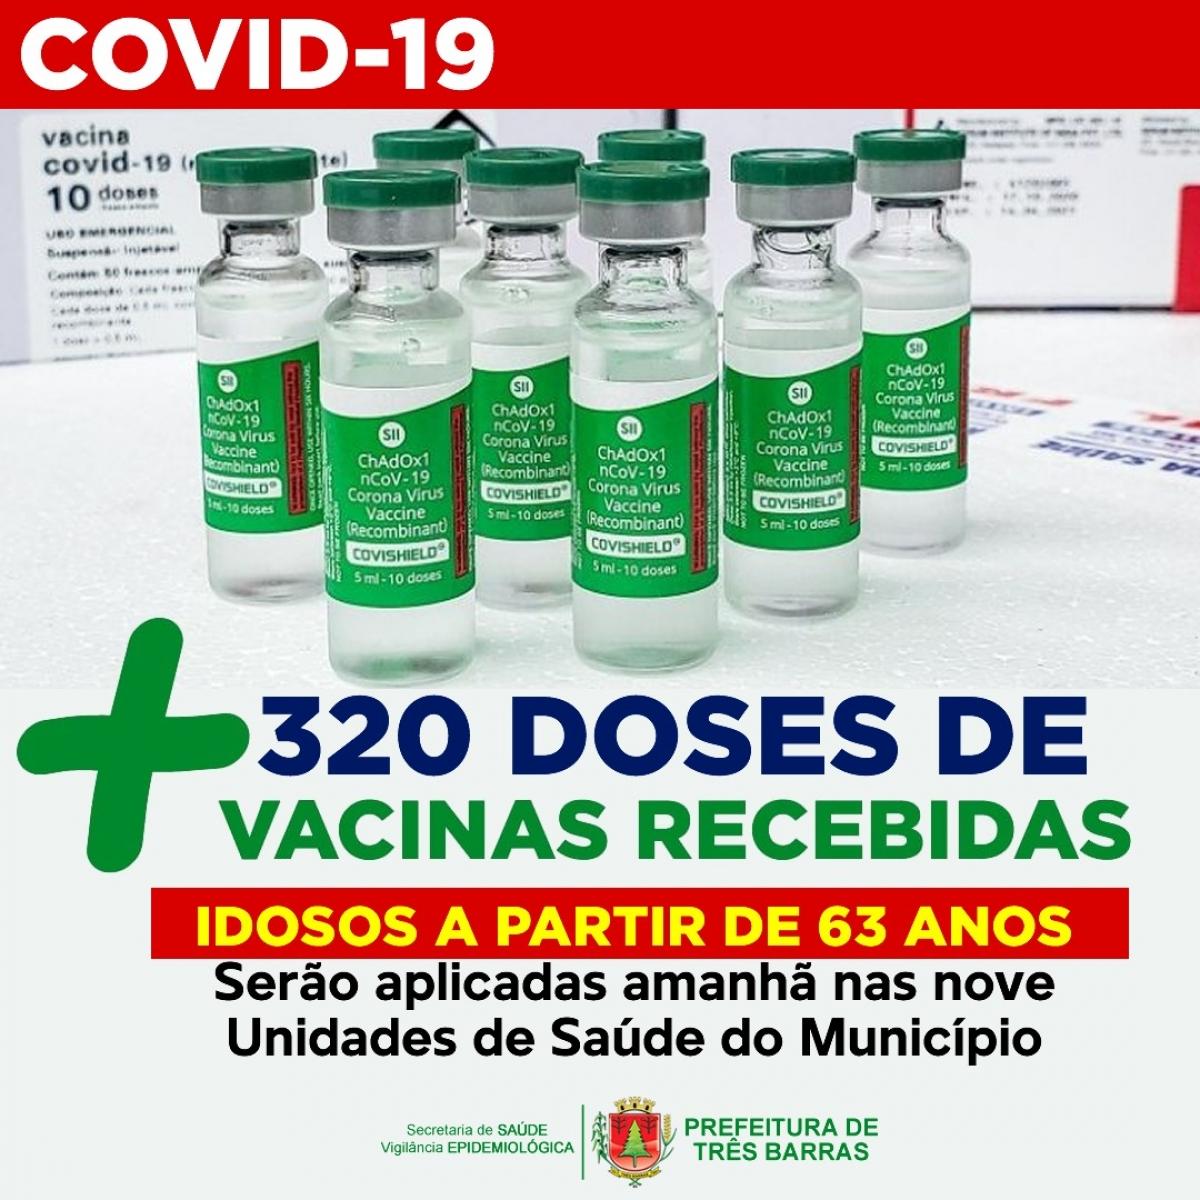 PESSOAS ACIMA DE 63 ANOS SERÃO VACINADAS CONTRA COVID EM TRÊS BARRAS